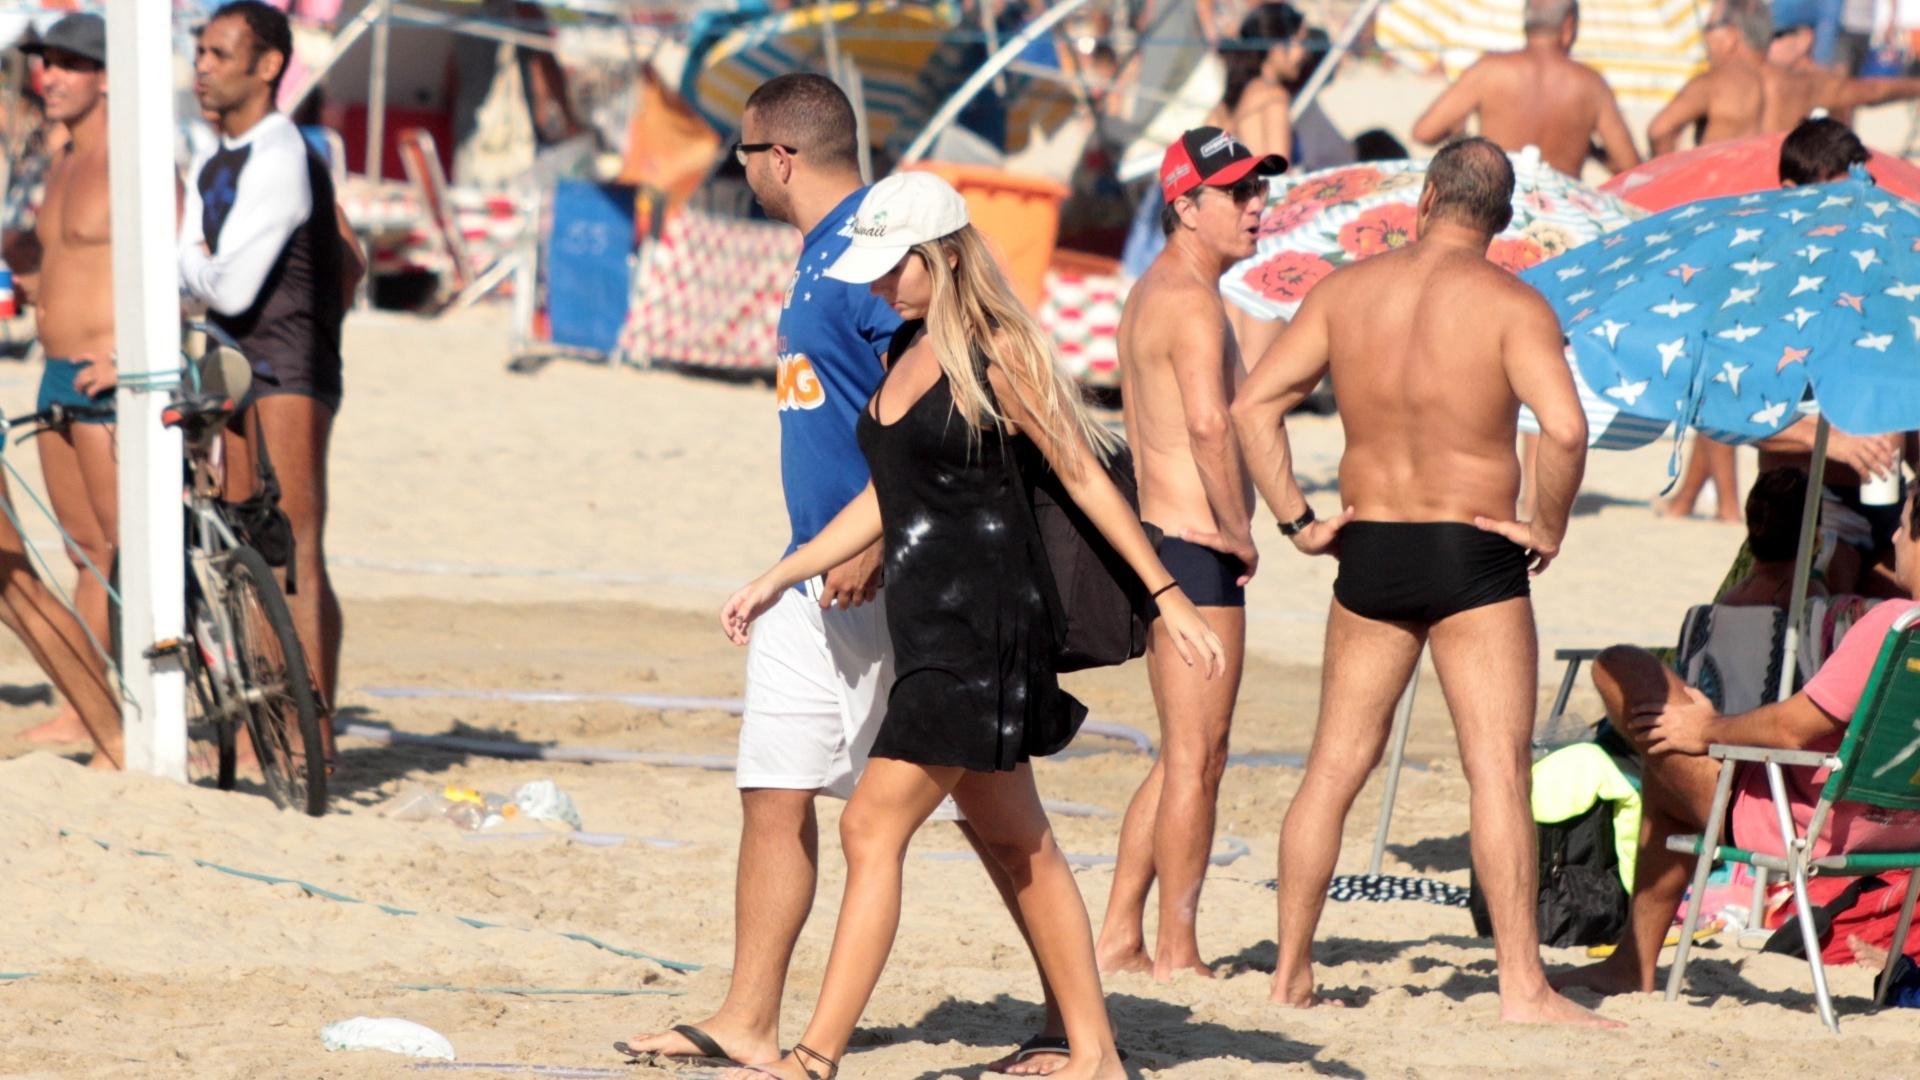 Abr.2017 - Carol Portaluppi caminha pelas areias da praia de Ipanema acompanhada de um rapaz